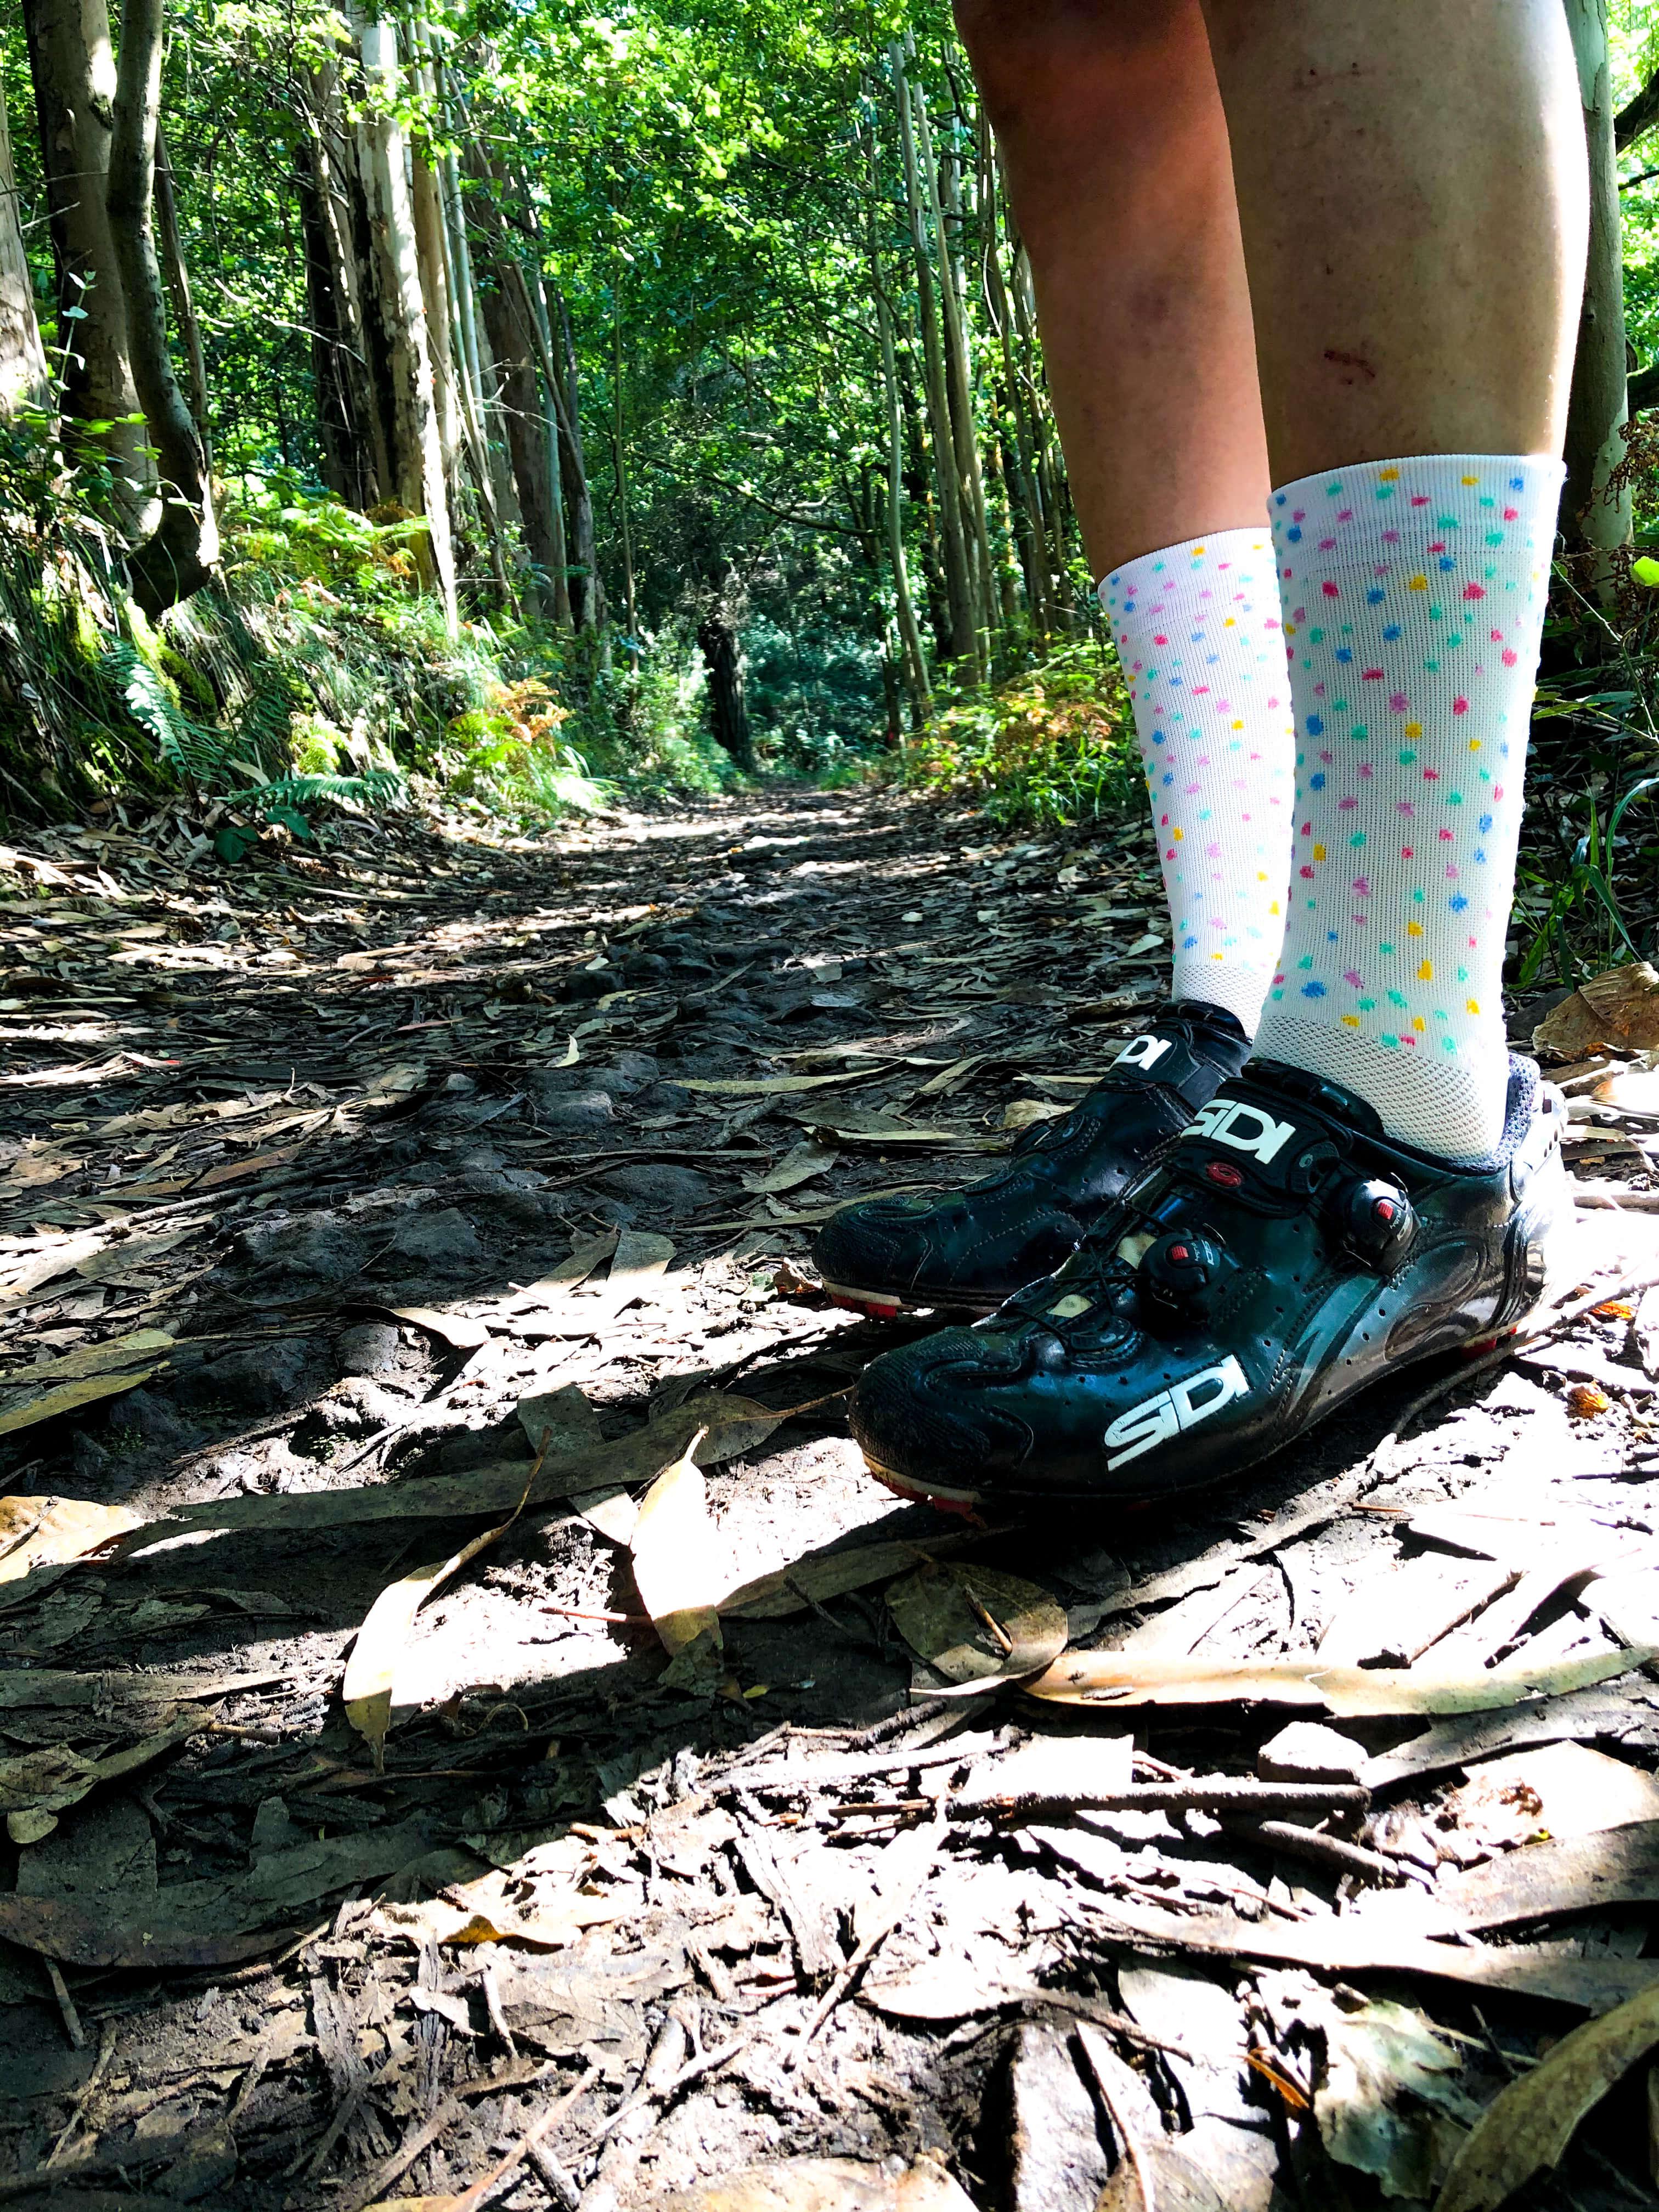 Un ciclista lleva botines y calcetines altos